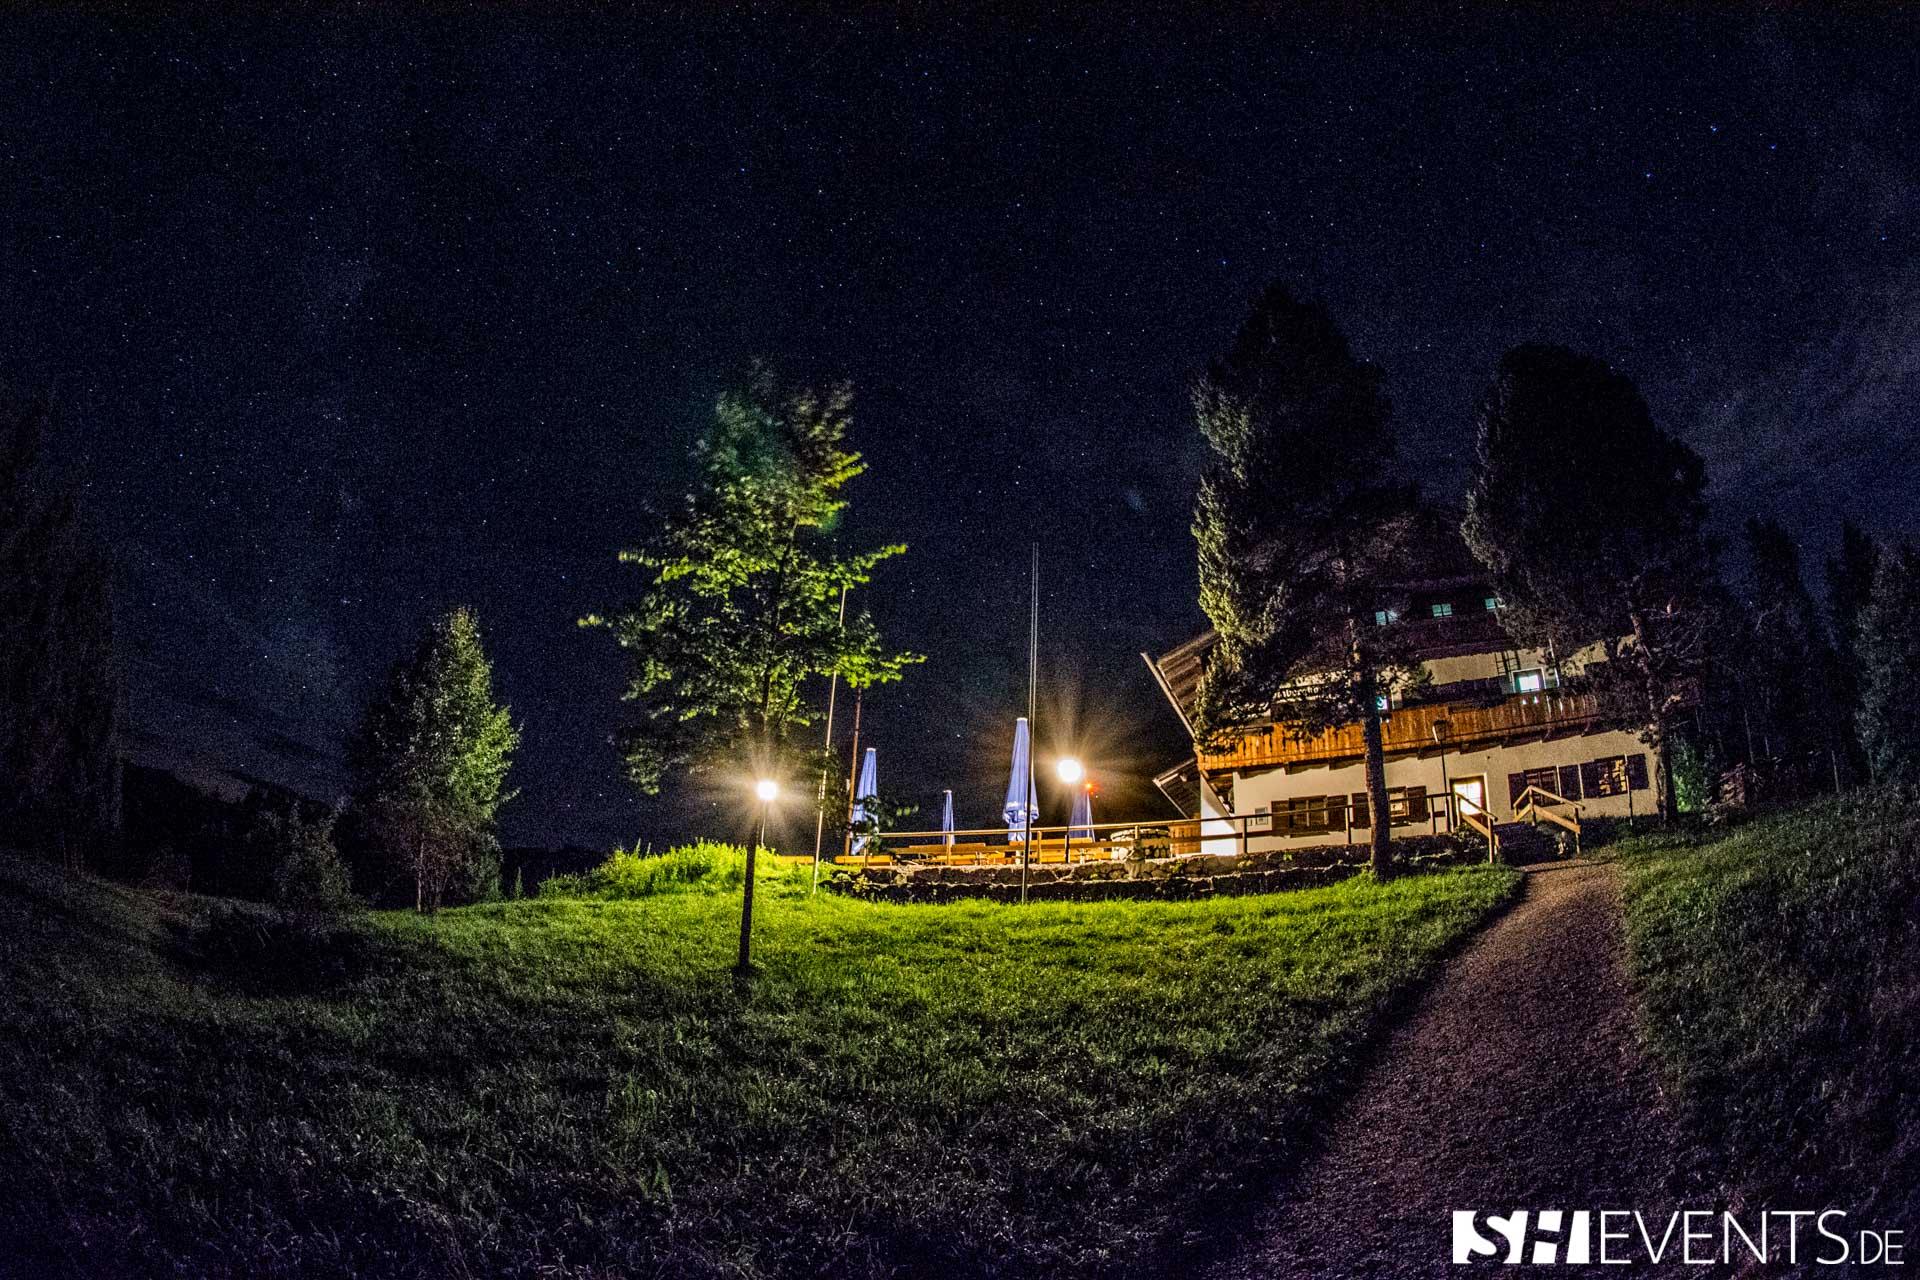 Hüttenevent bei Nacht